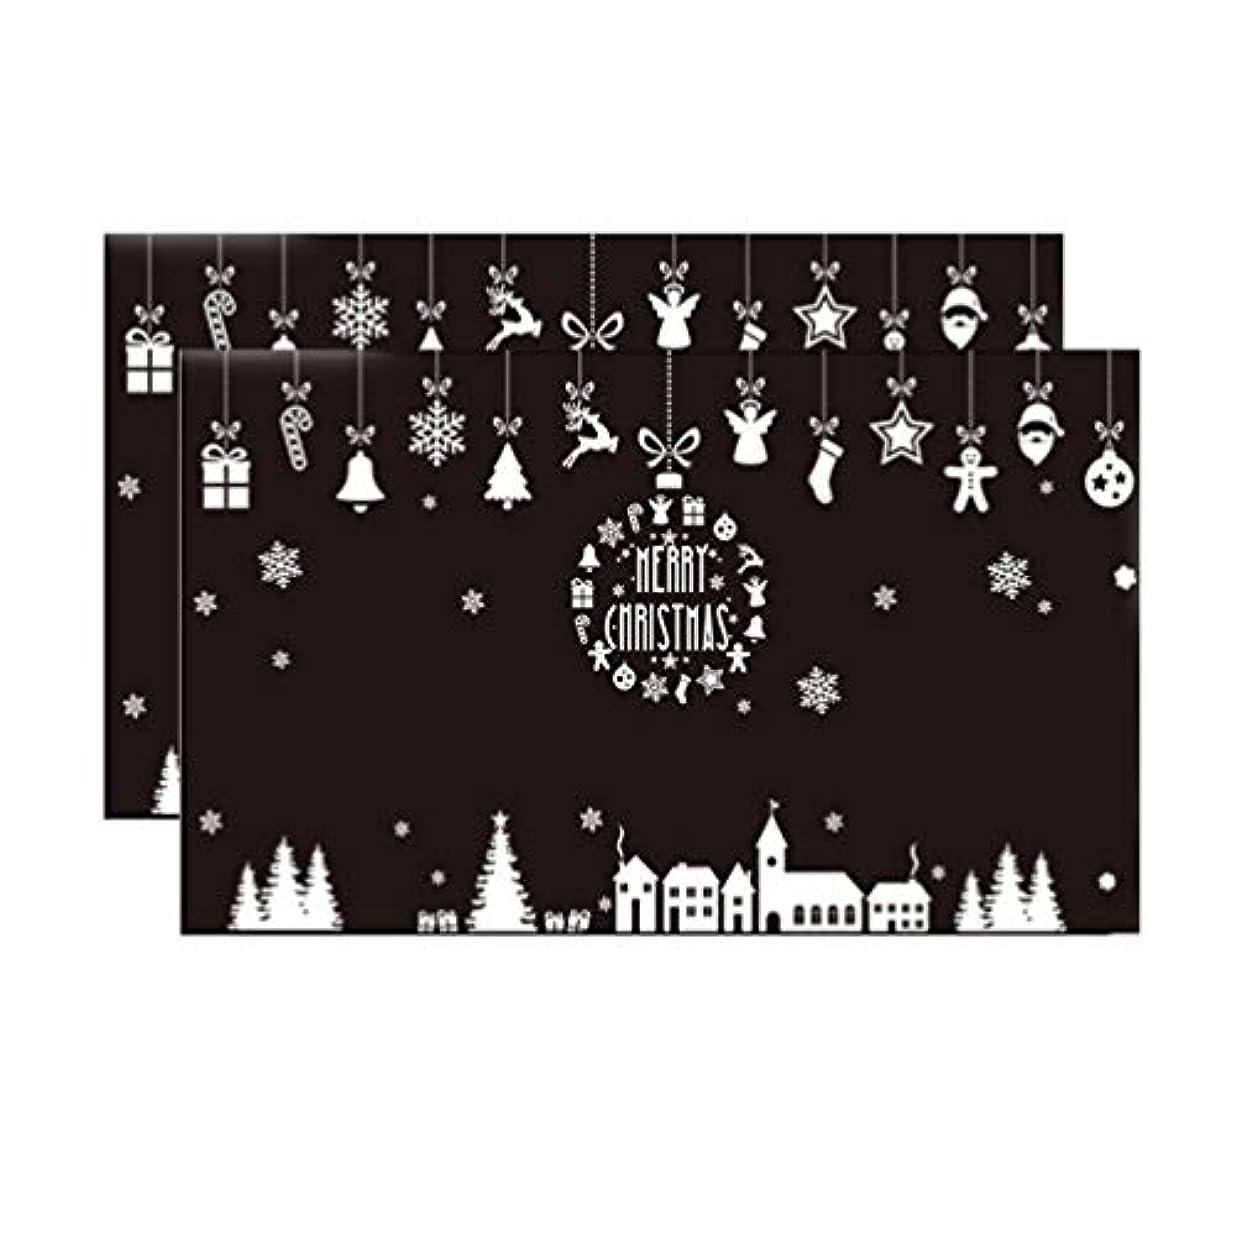 トンネルノーブル強盗SUPVOX 2枚のクリスマスウィンドウにしがみつく装飾スノーフレークウィンドウデカールステッカークリスマス冬のホリデーパーティー用品好意